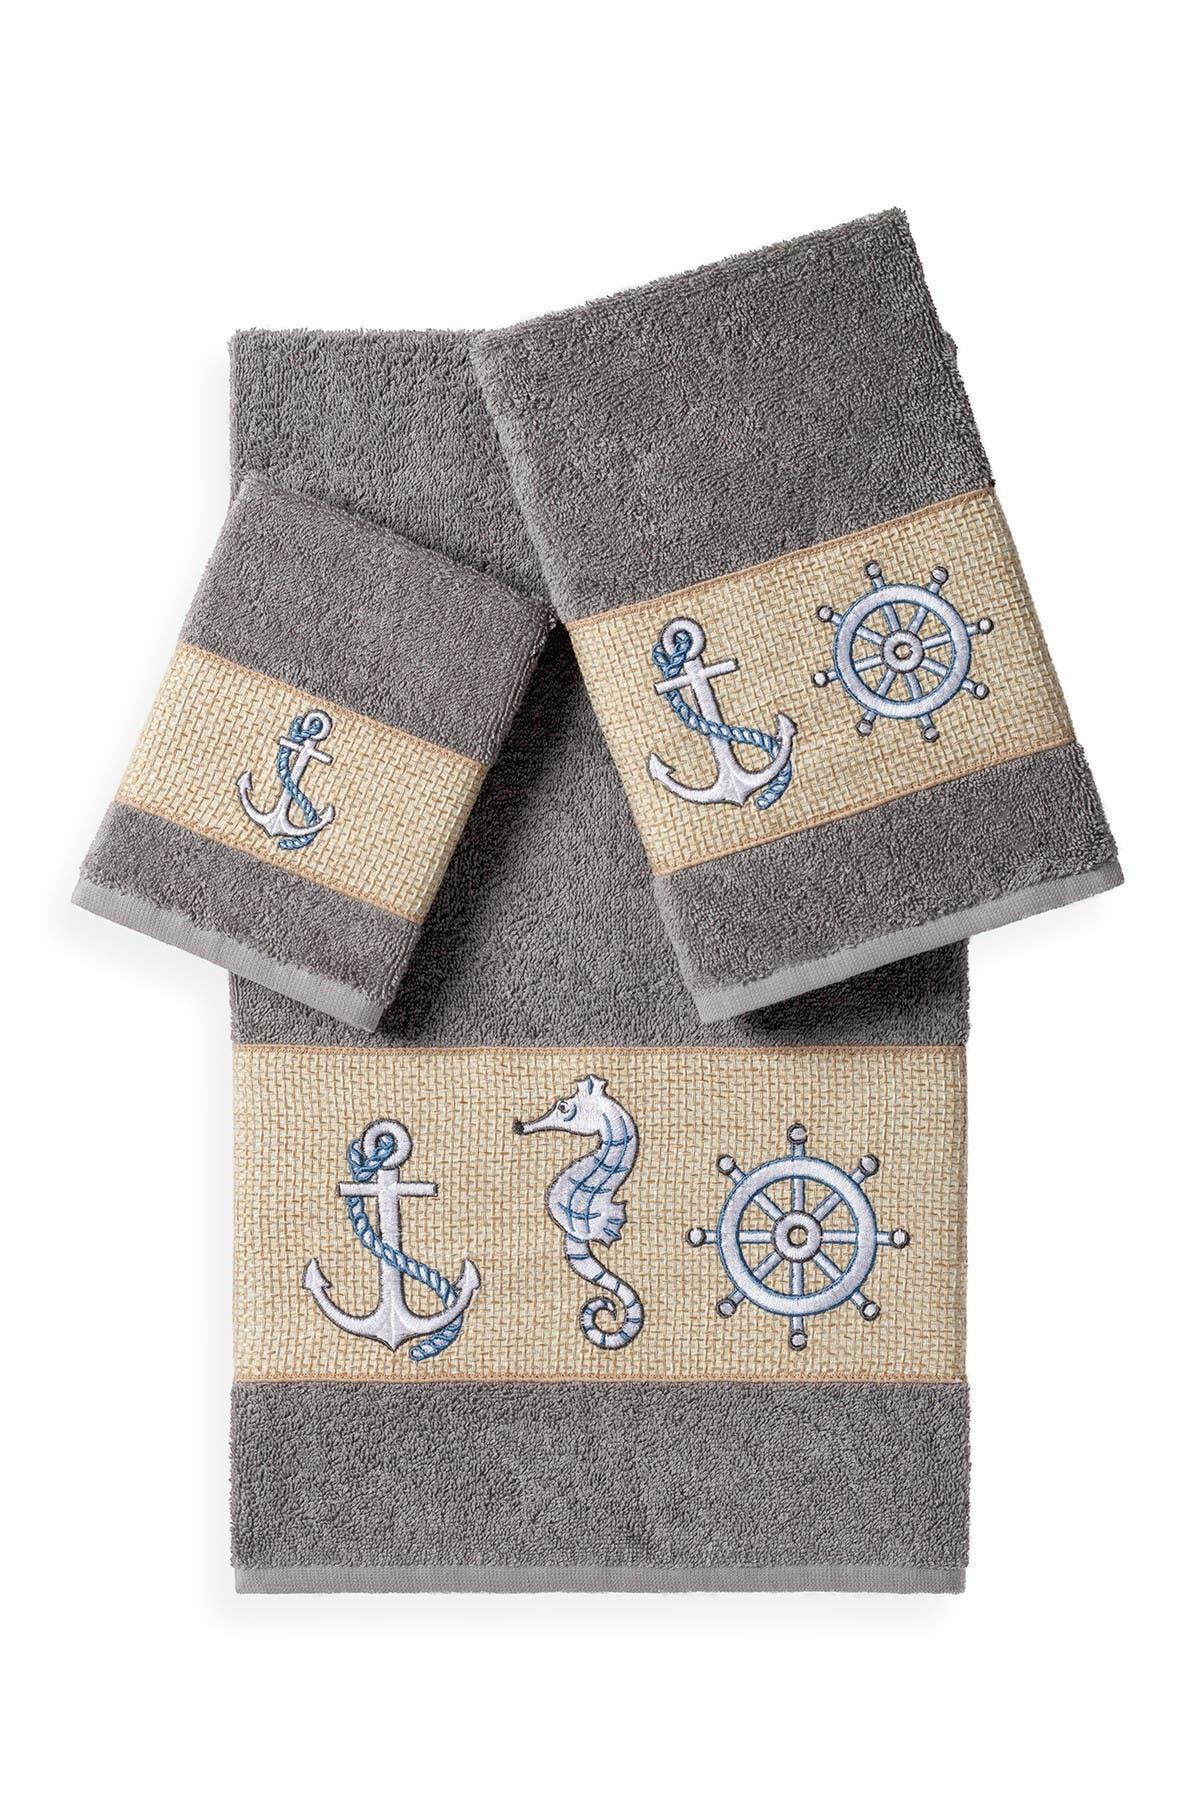 Image of LINUM TOWELS Easton 3-Piece Embellished Towel Set - Dark Grey